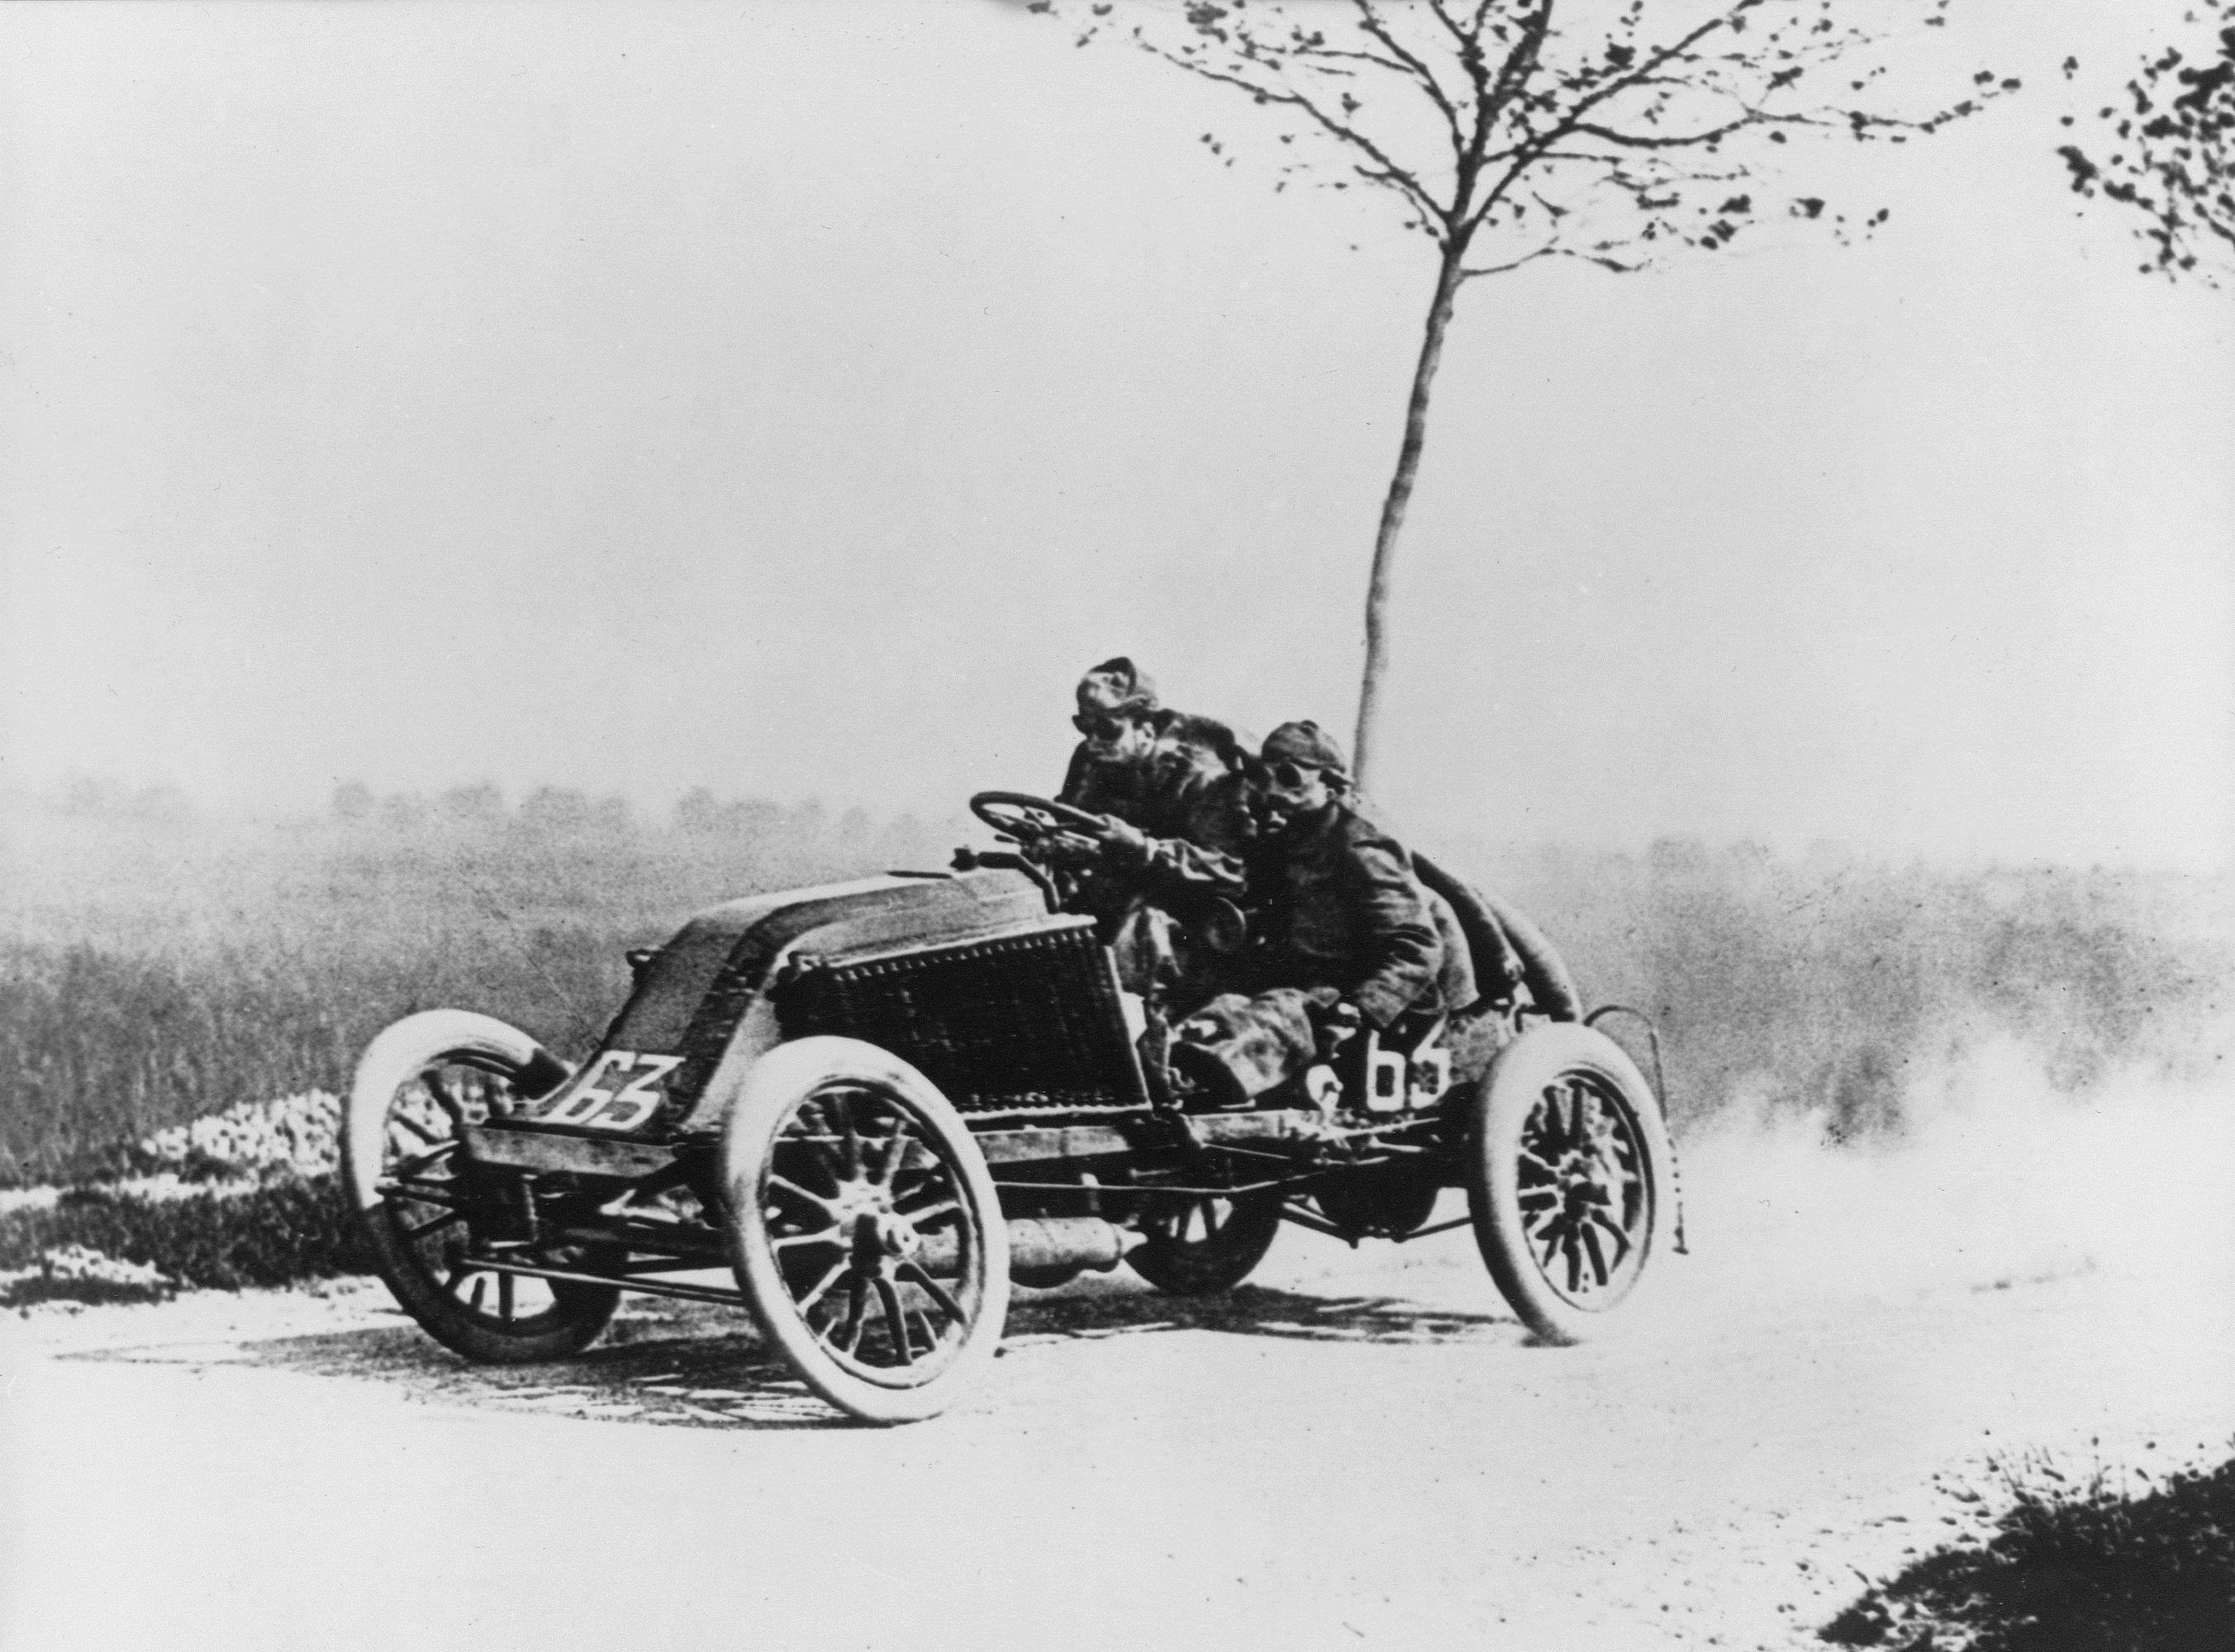 Marcel Renault i fullt øs under Paris-Madrid landeveisløpet i 1903. Det gikk fryktelig galt, og løpet ble avbrutt lenge før Madrid.